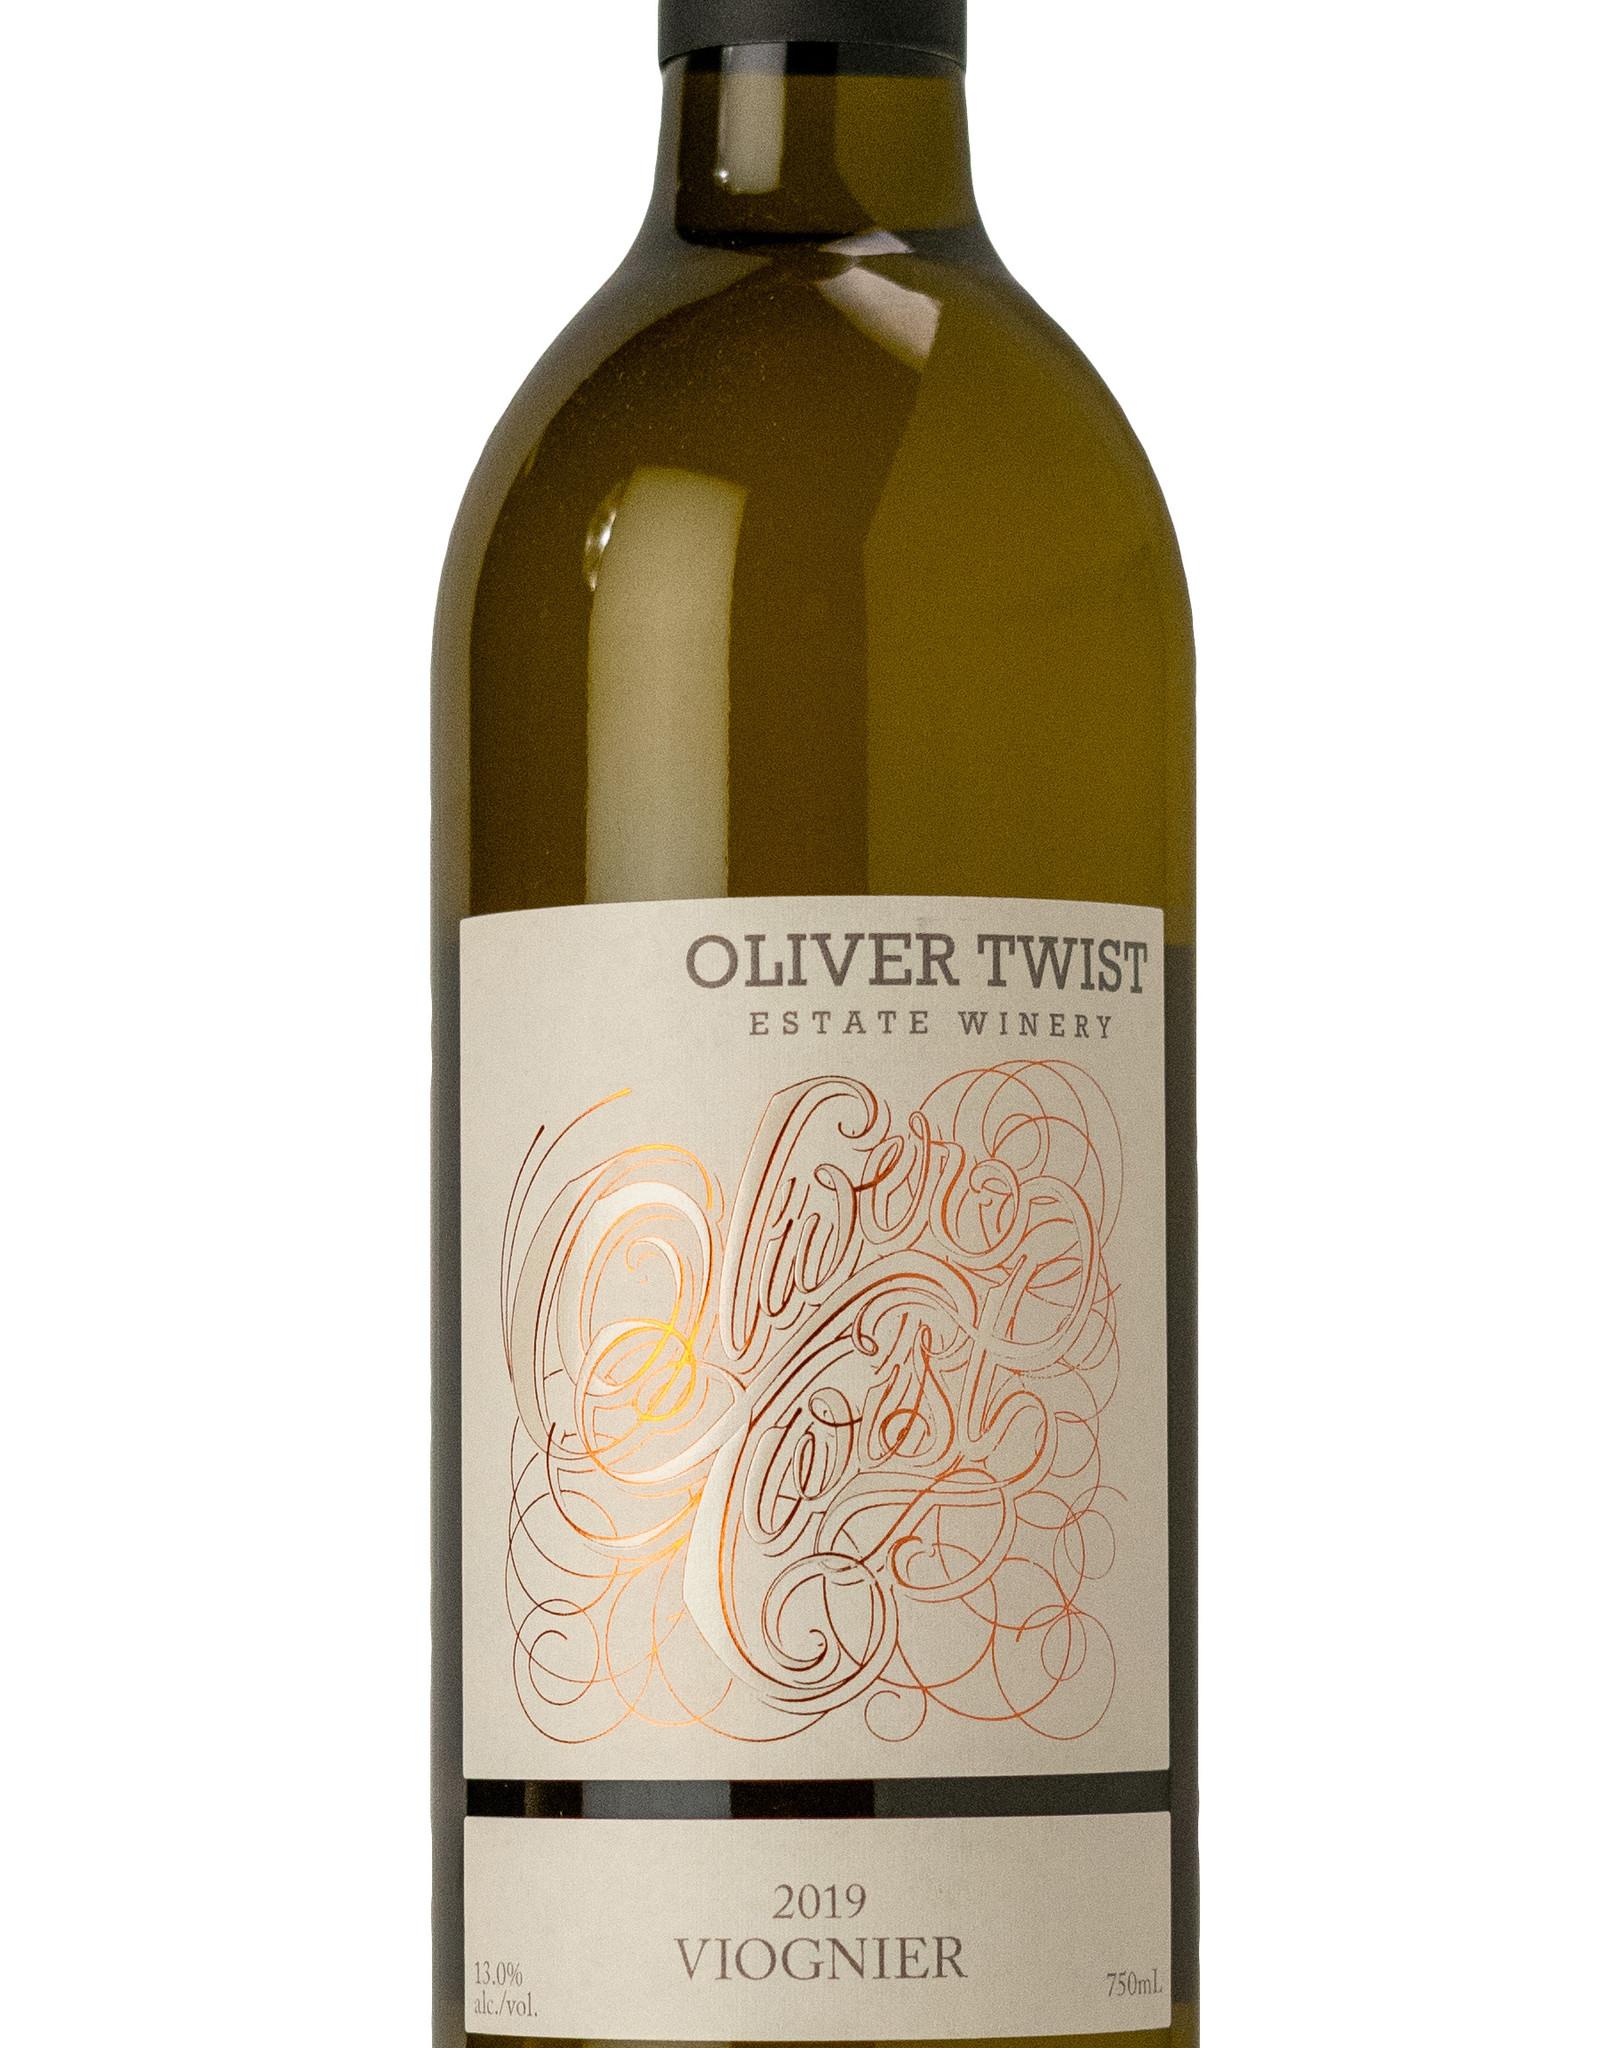 Oliver Twist 2019 Viognier 750ml